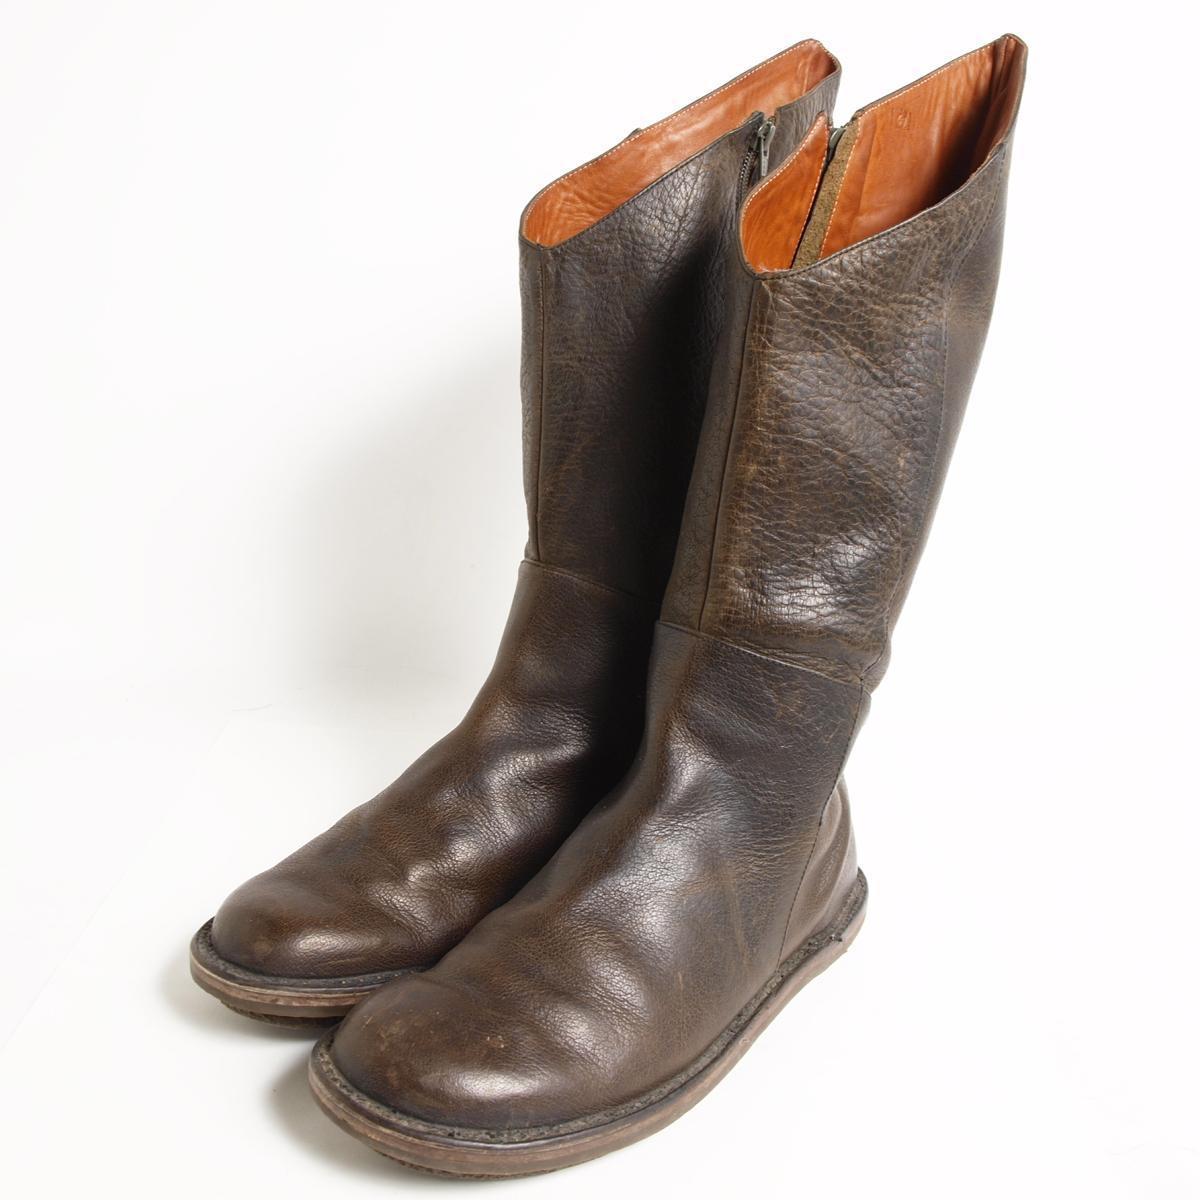 トリッペン デザインドブーツ 41 メンズ26.0cm Trippen /bok1672 【中古】 【170121】【US1803-1】